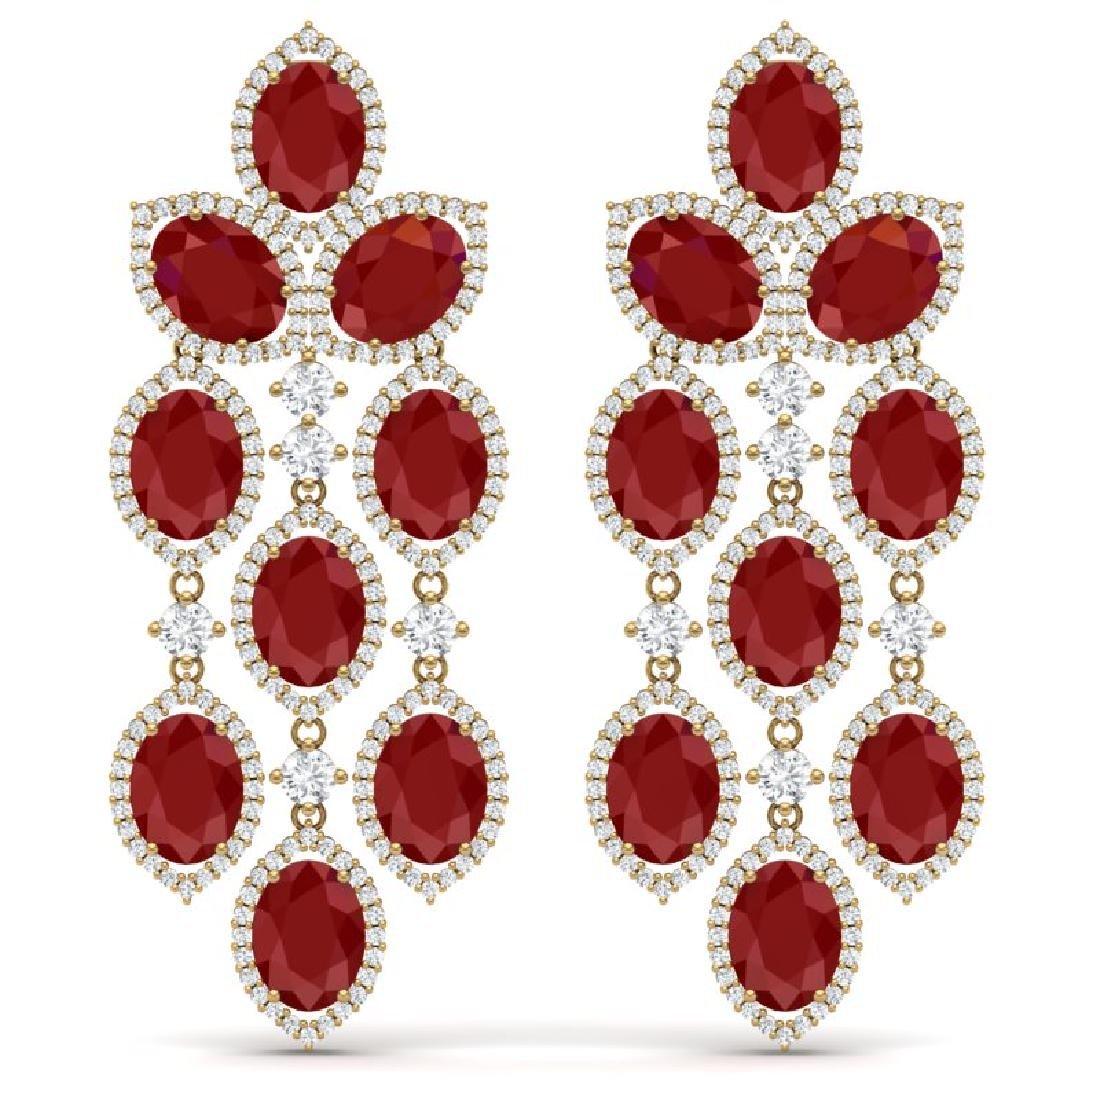 26.15 CTW Royalty Designer Ruby & VS Diamond Earrings